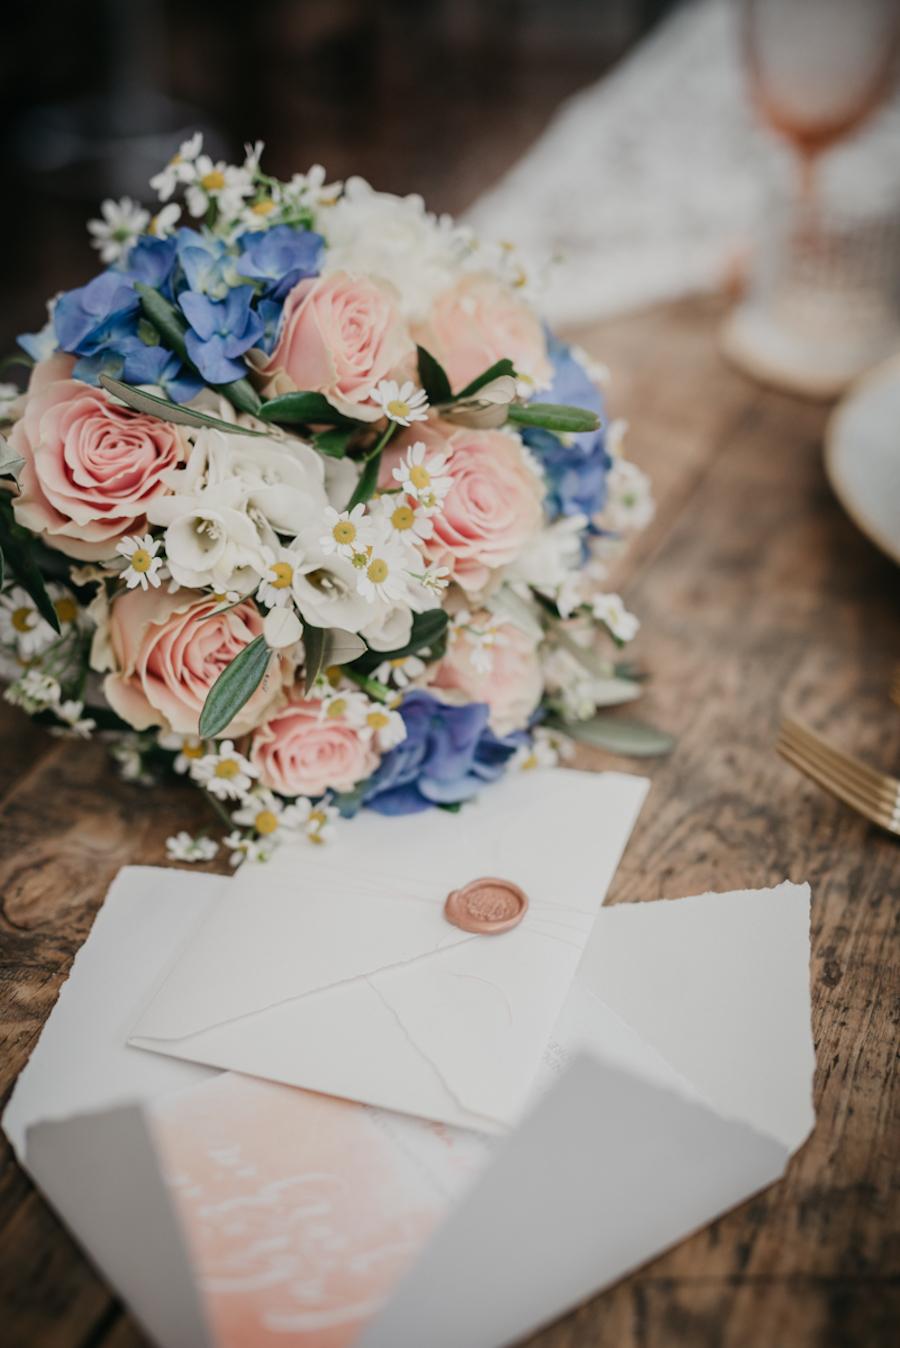 Matrimonio Rosa Quarzo E Azzurro Serenity : Ispirazione vintage e frizzante wedding wonderland